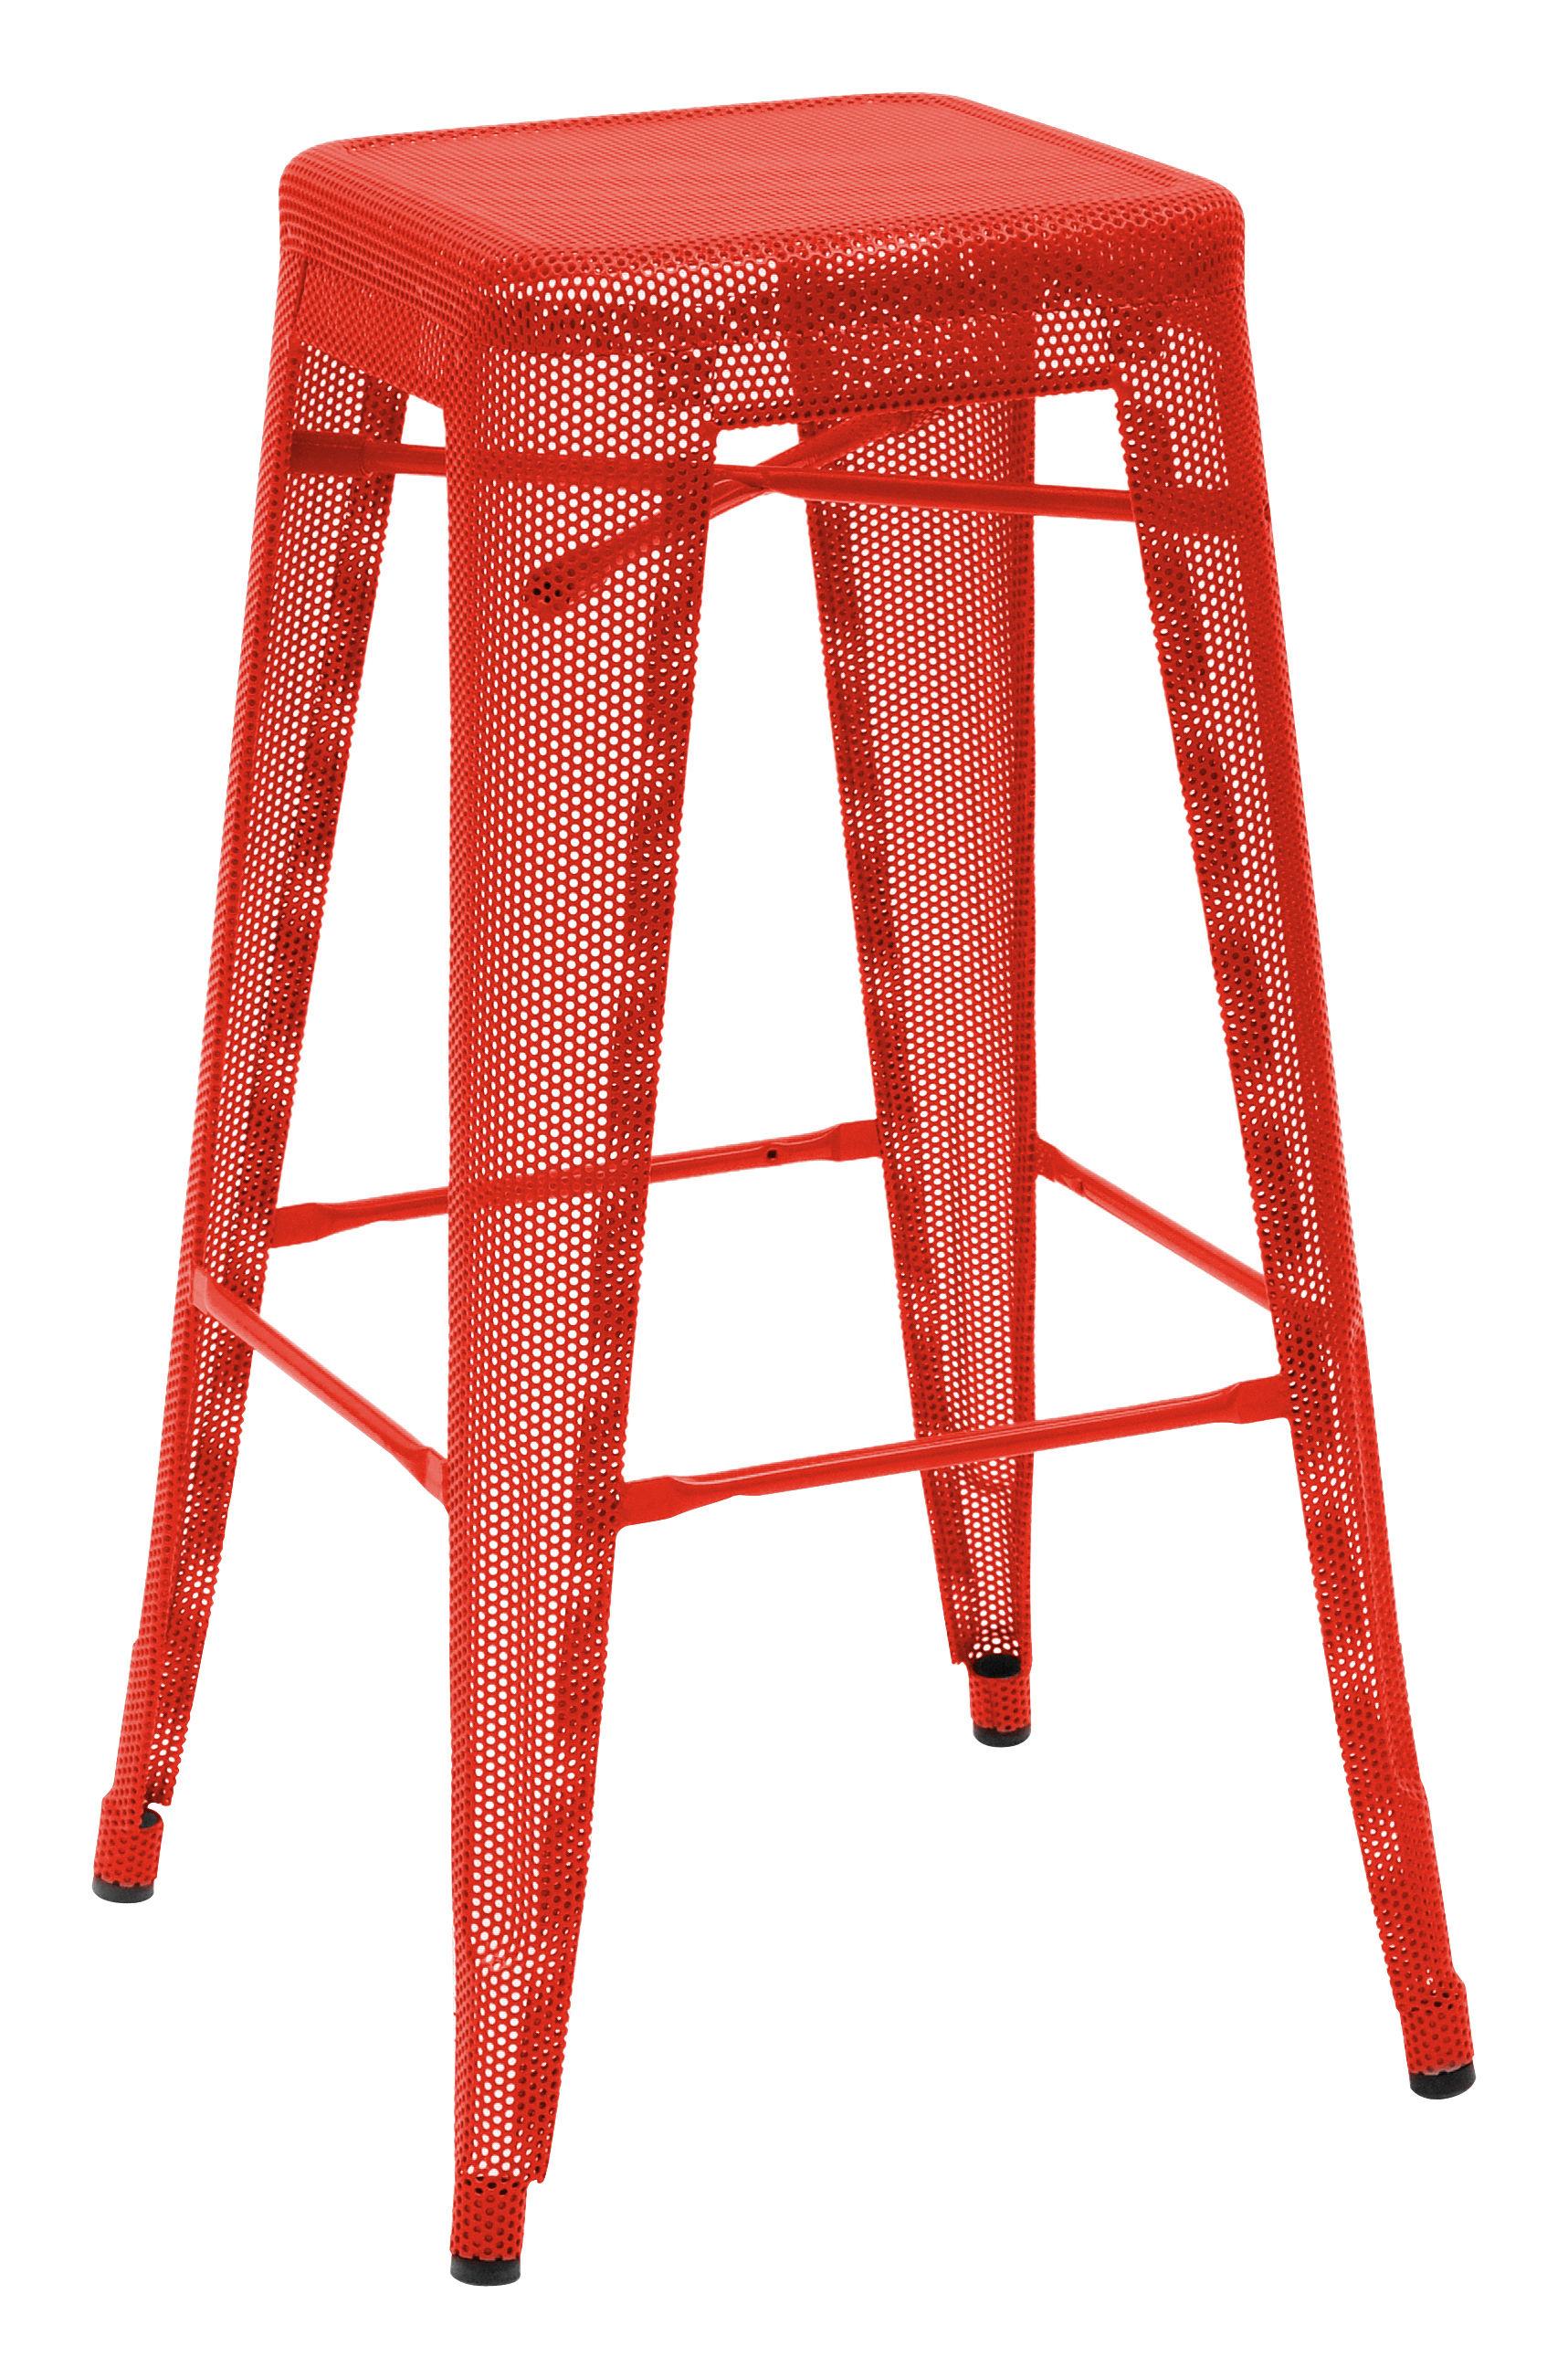 Mobilier - Tabourets de bar - Tabouret de bar H Perforé / H 75 cm - Couleur brillante - Tolix - Rouge (brillant) - Acier laqué